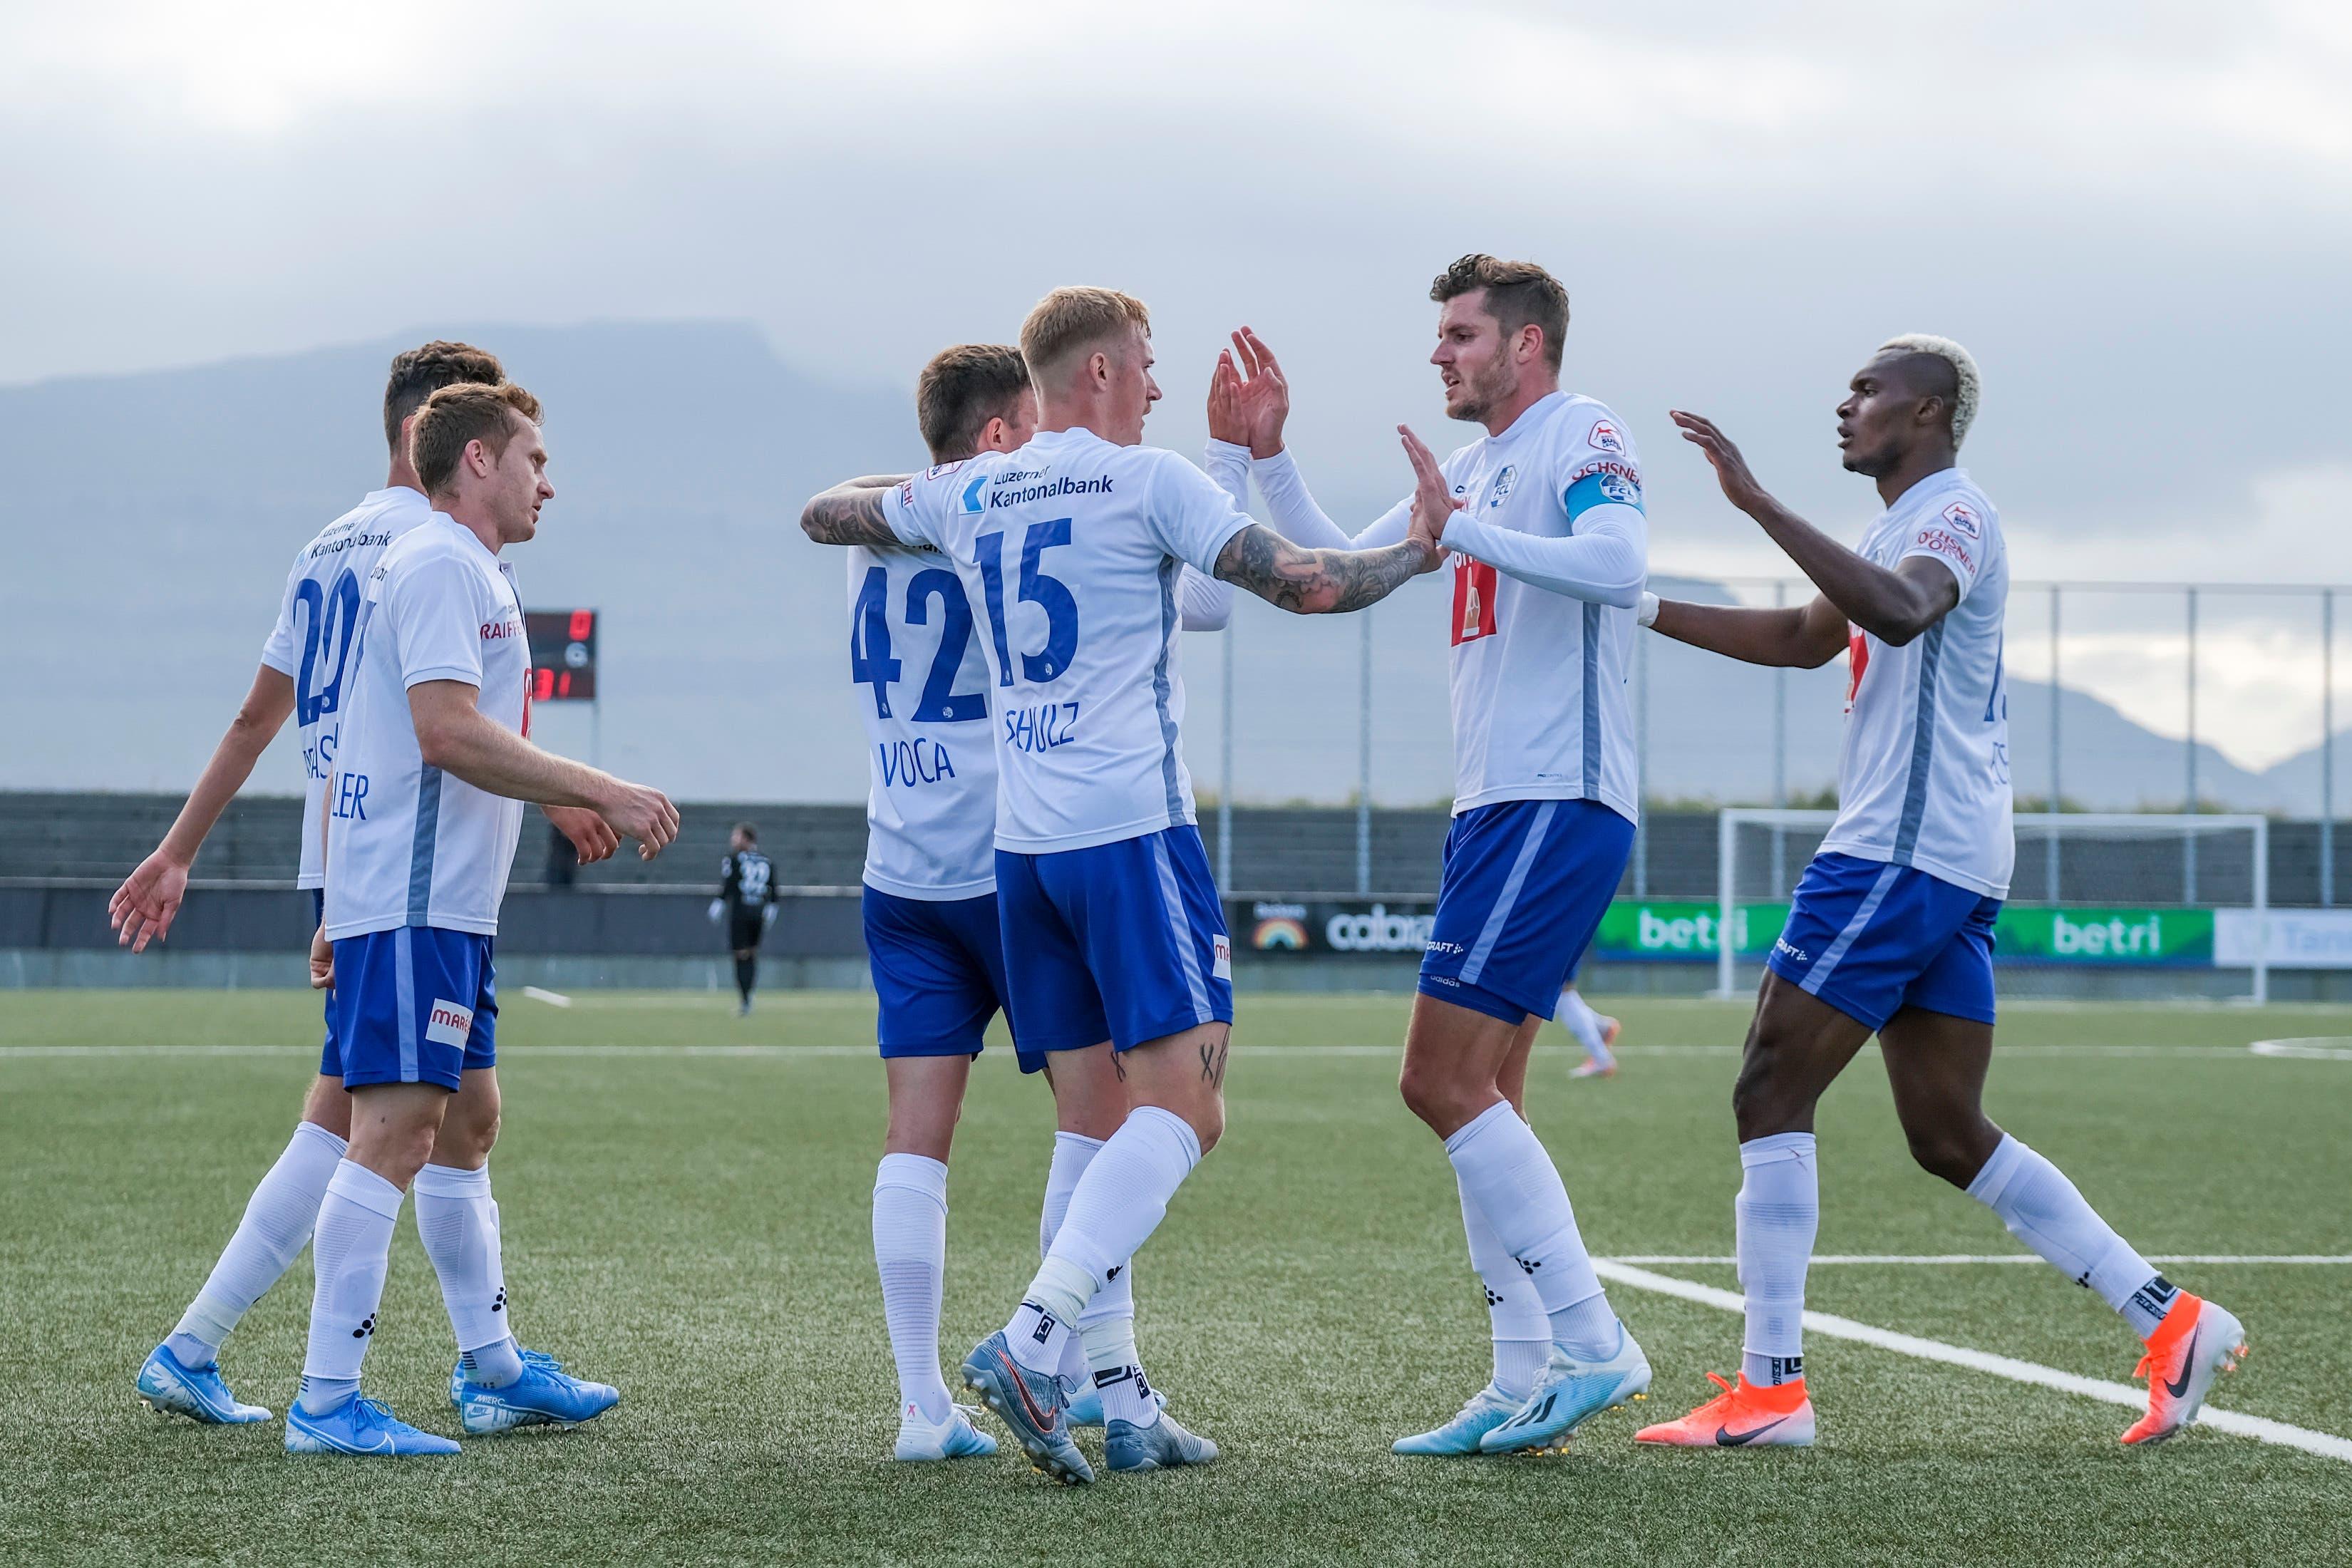 Catenaccio auf den Färöern: Der FC Luzern zeigt sich minimalistisch, aber erfolgreich und siegt gegen KI Klaksvik mit 1:0. (Bild: Martin Meienberger/freshfocus, Toftir, 1. August 2019)